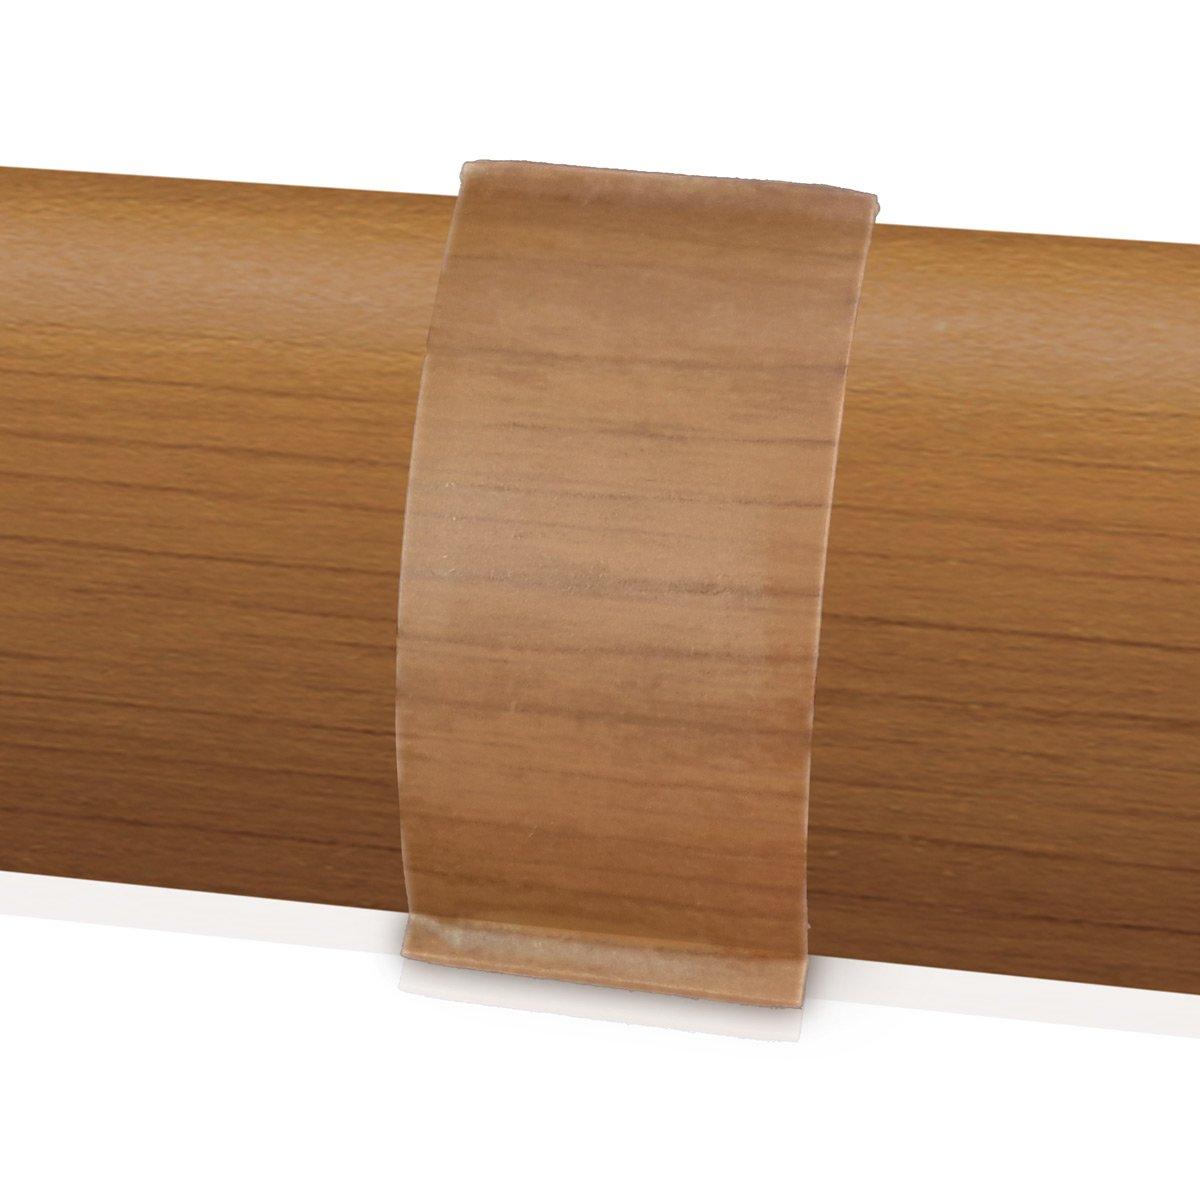 1 links, 1 rechts f/ür Kabelkanal Sockelleiste in ALU Dekor 1 Paar Endkappen